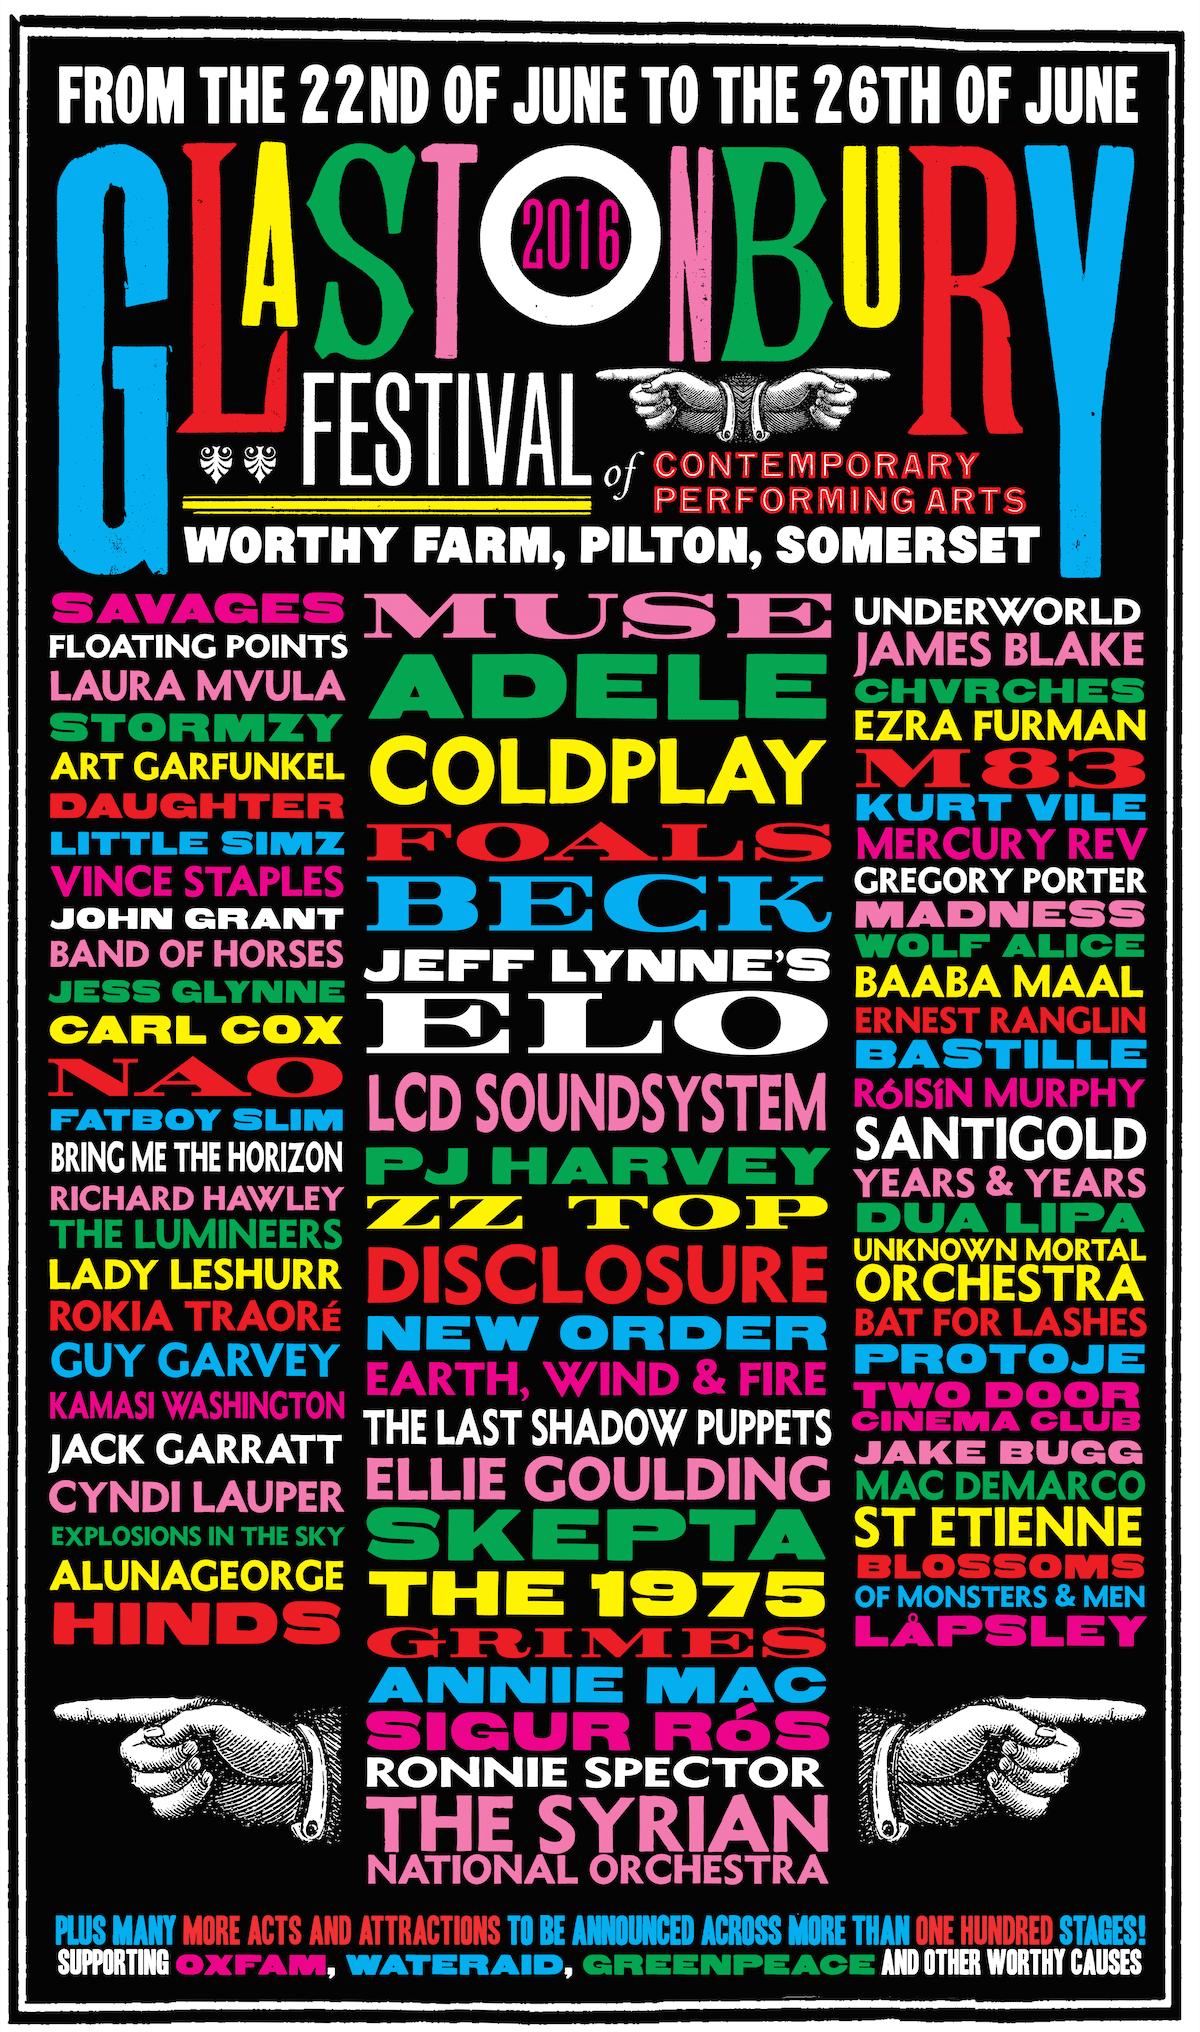 http://cdn.glastonburyfestivals.co.uk/wp-content/uploads/2014/03/glastonburyposter1200.png